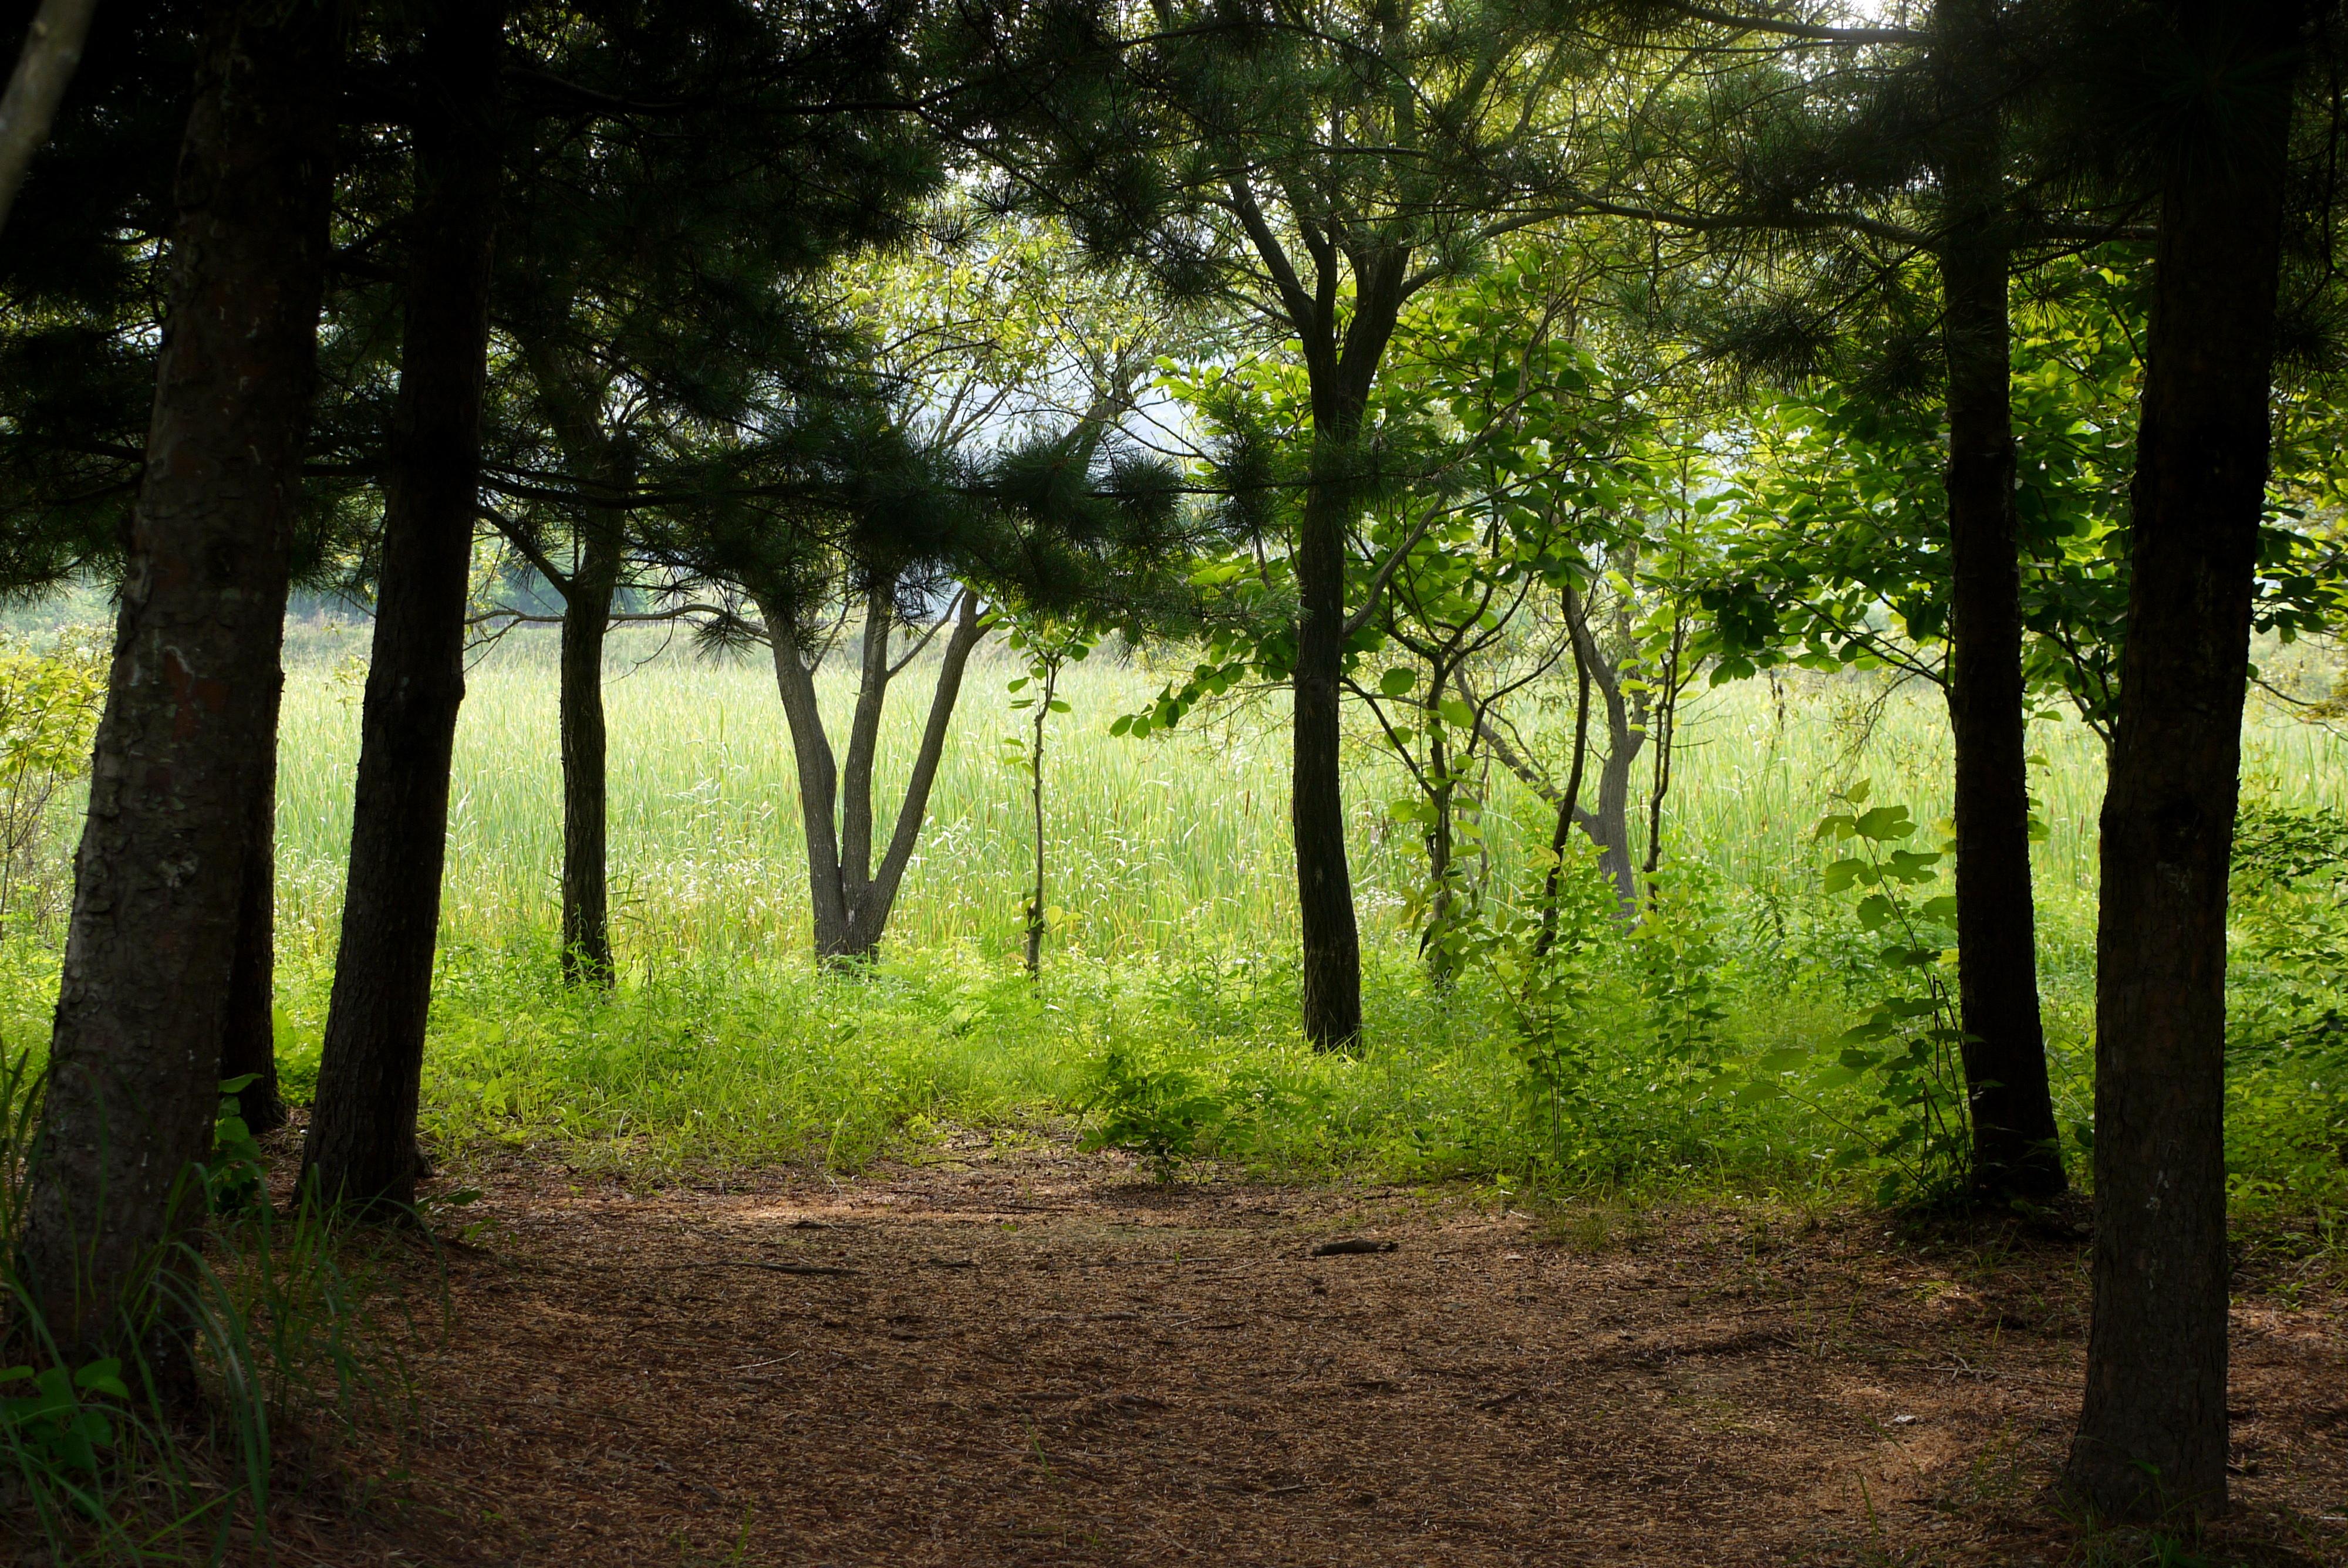 숲속안에서 보이는 습지의 모습